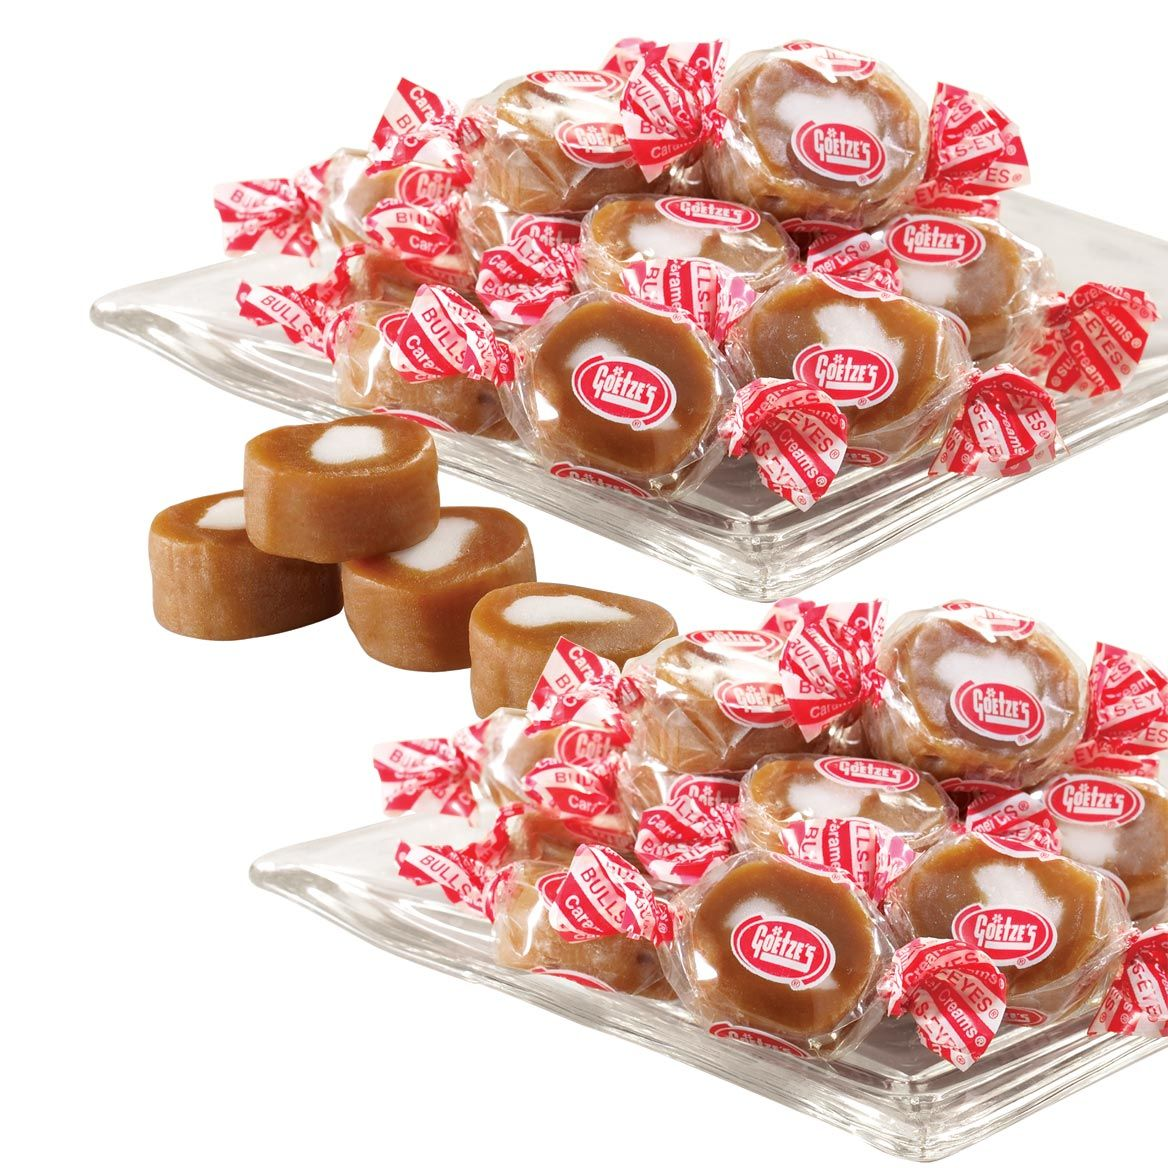 Caramel Creams® Candy, 12.5 oz., Set of 2-359366